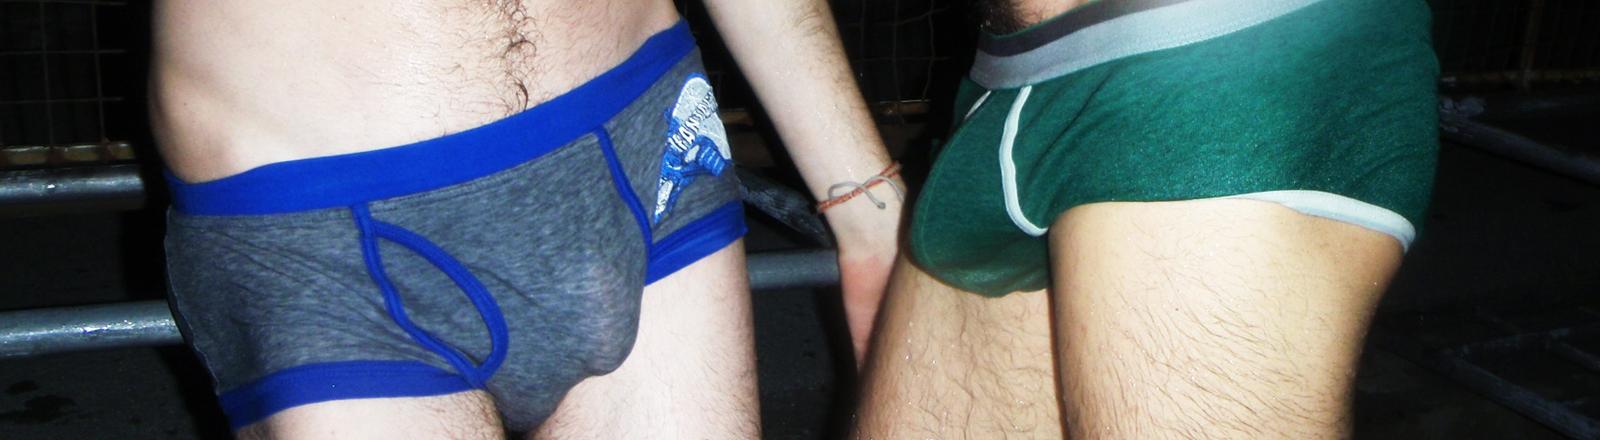 Zwei Männer in Unterhose.